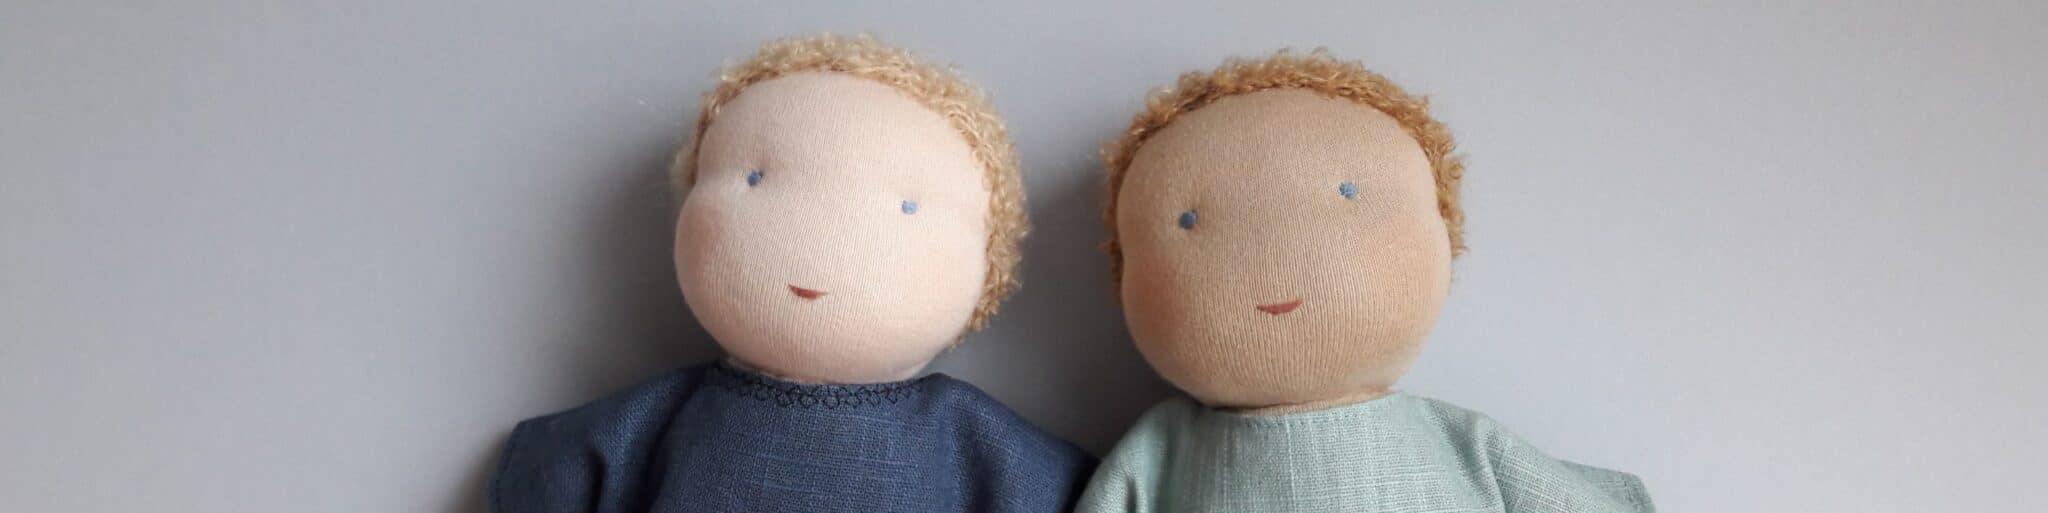 Les poupées réalisées